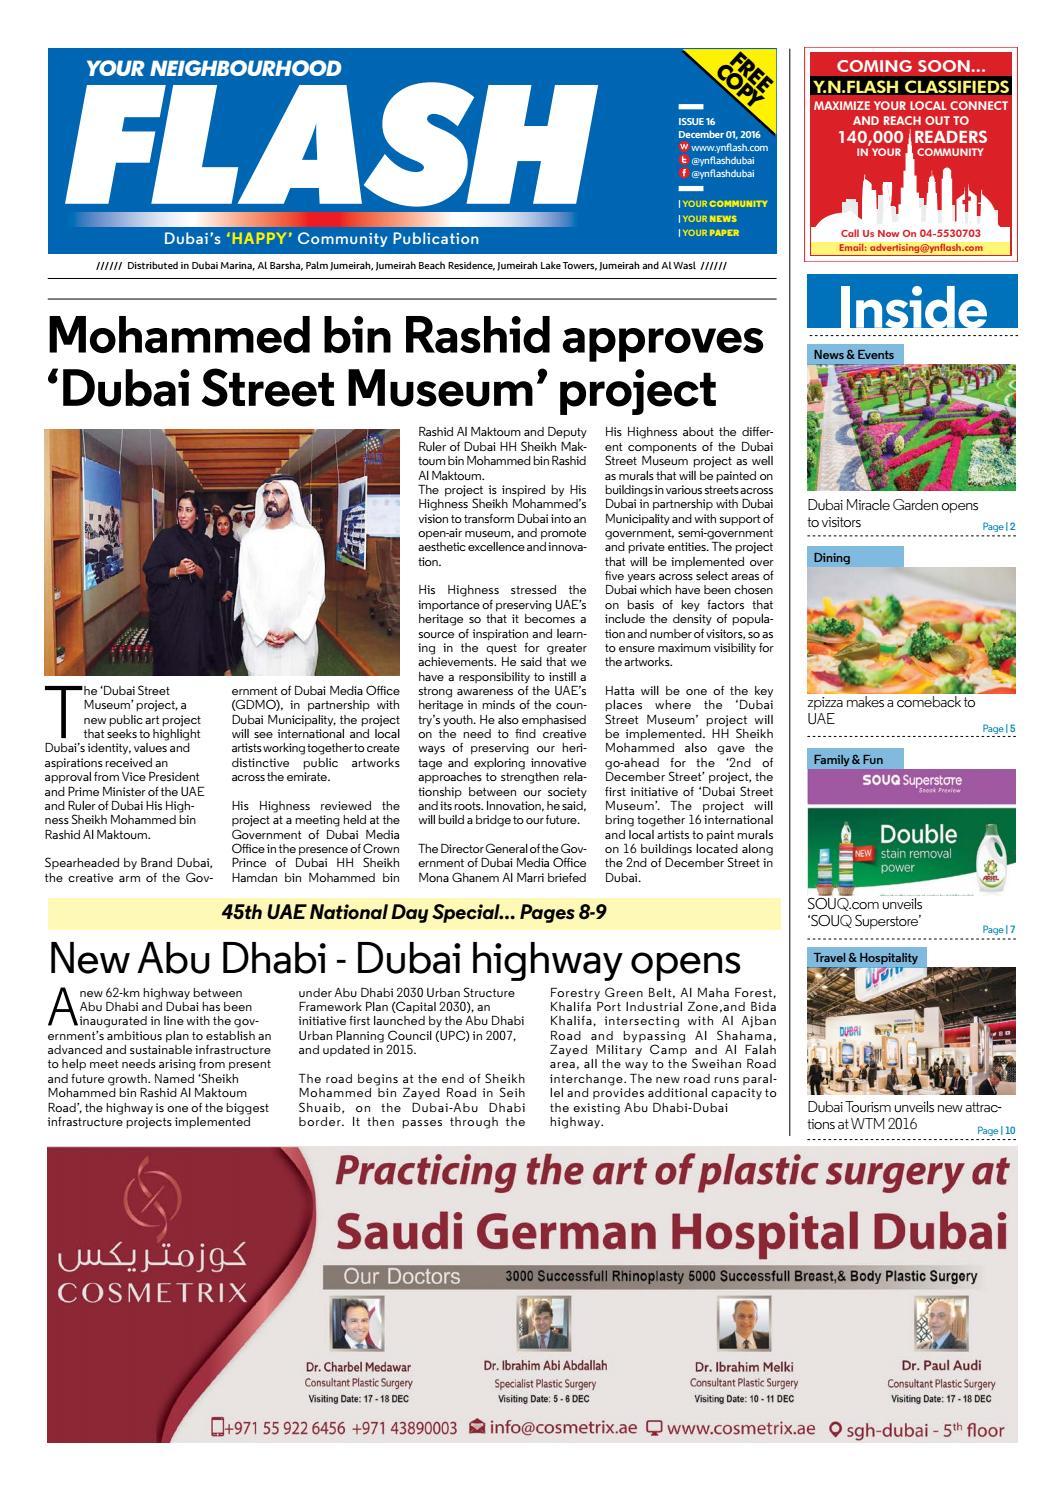 Ynflash 1 15 dec 15 new dubai pdf by Promag International Media FZ ...